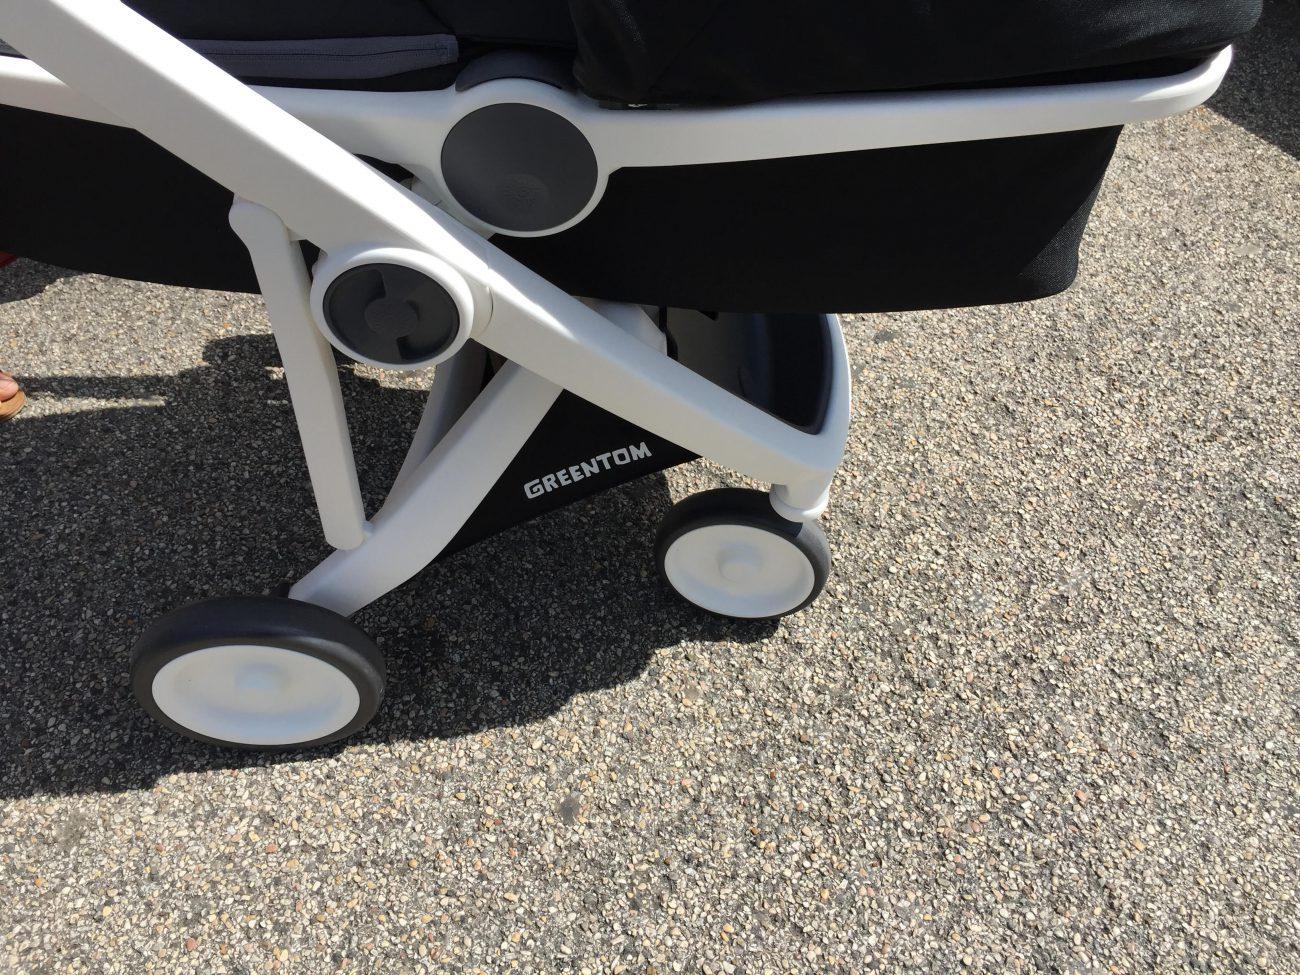 stroller-greentom-dettaglio